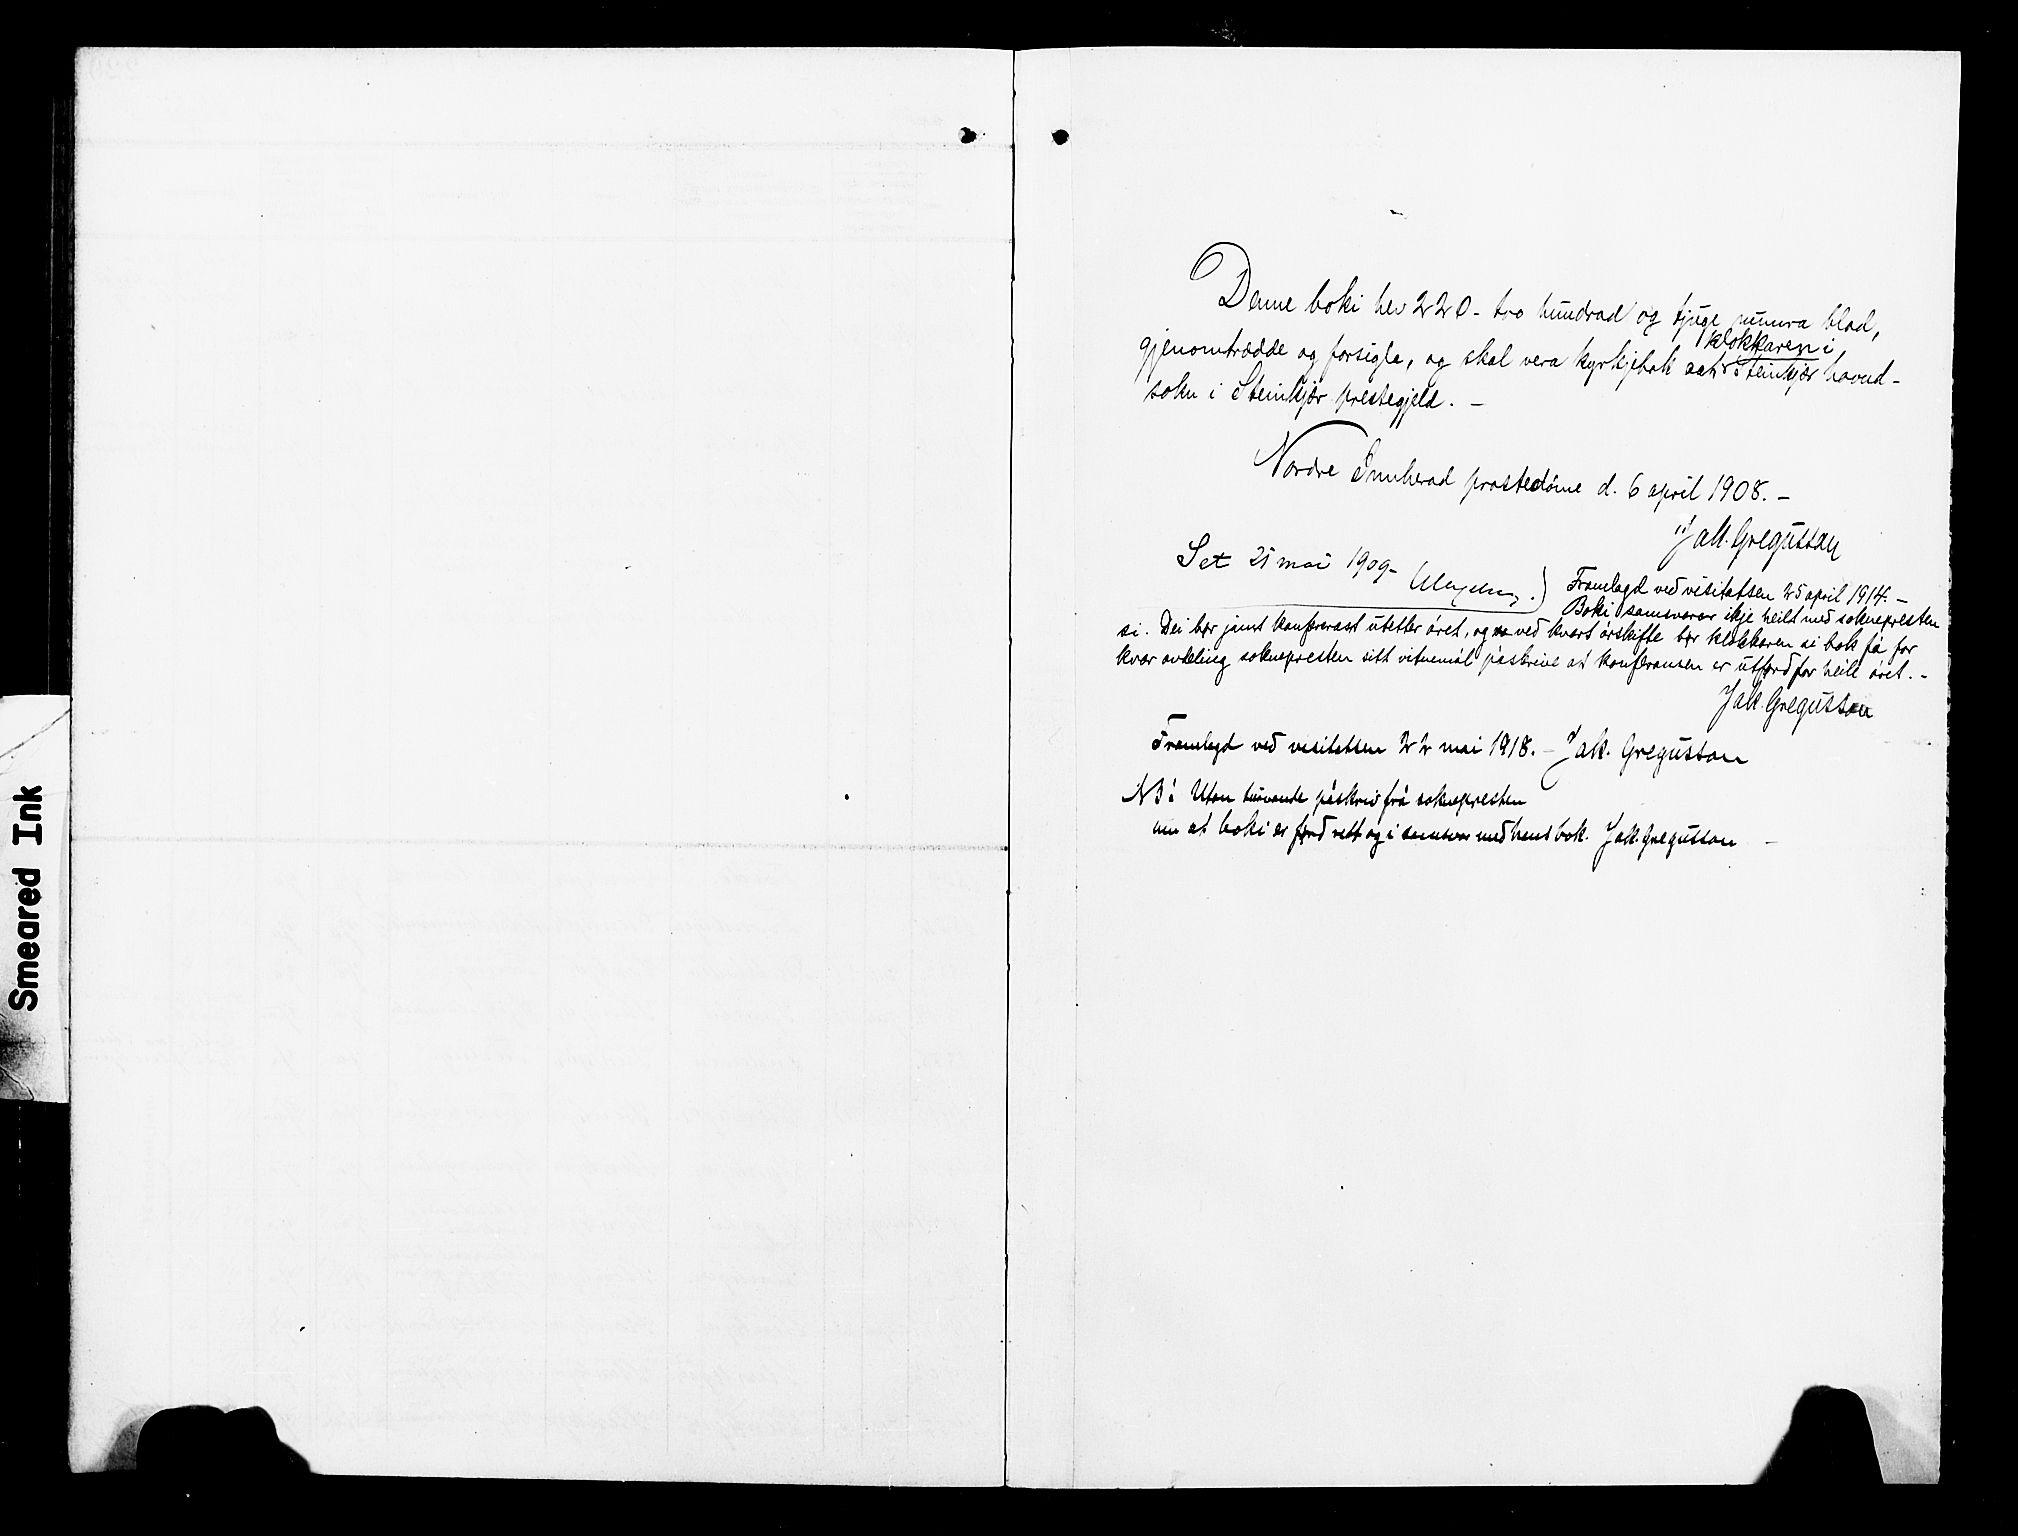 SAT, Ministerialprotokoller, klokkerbøker og fødselsregistre - Nord-Trøndelag, 739/L0376: Klokkerbok nr. 739C04, 1908-1917